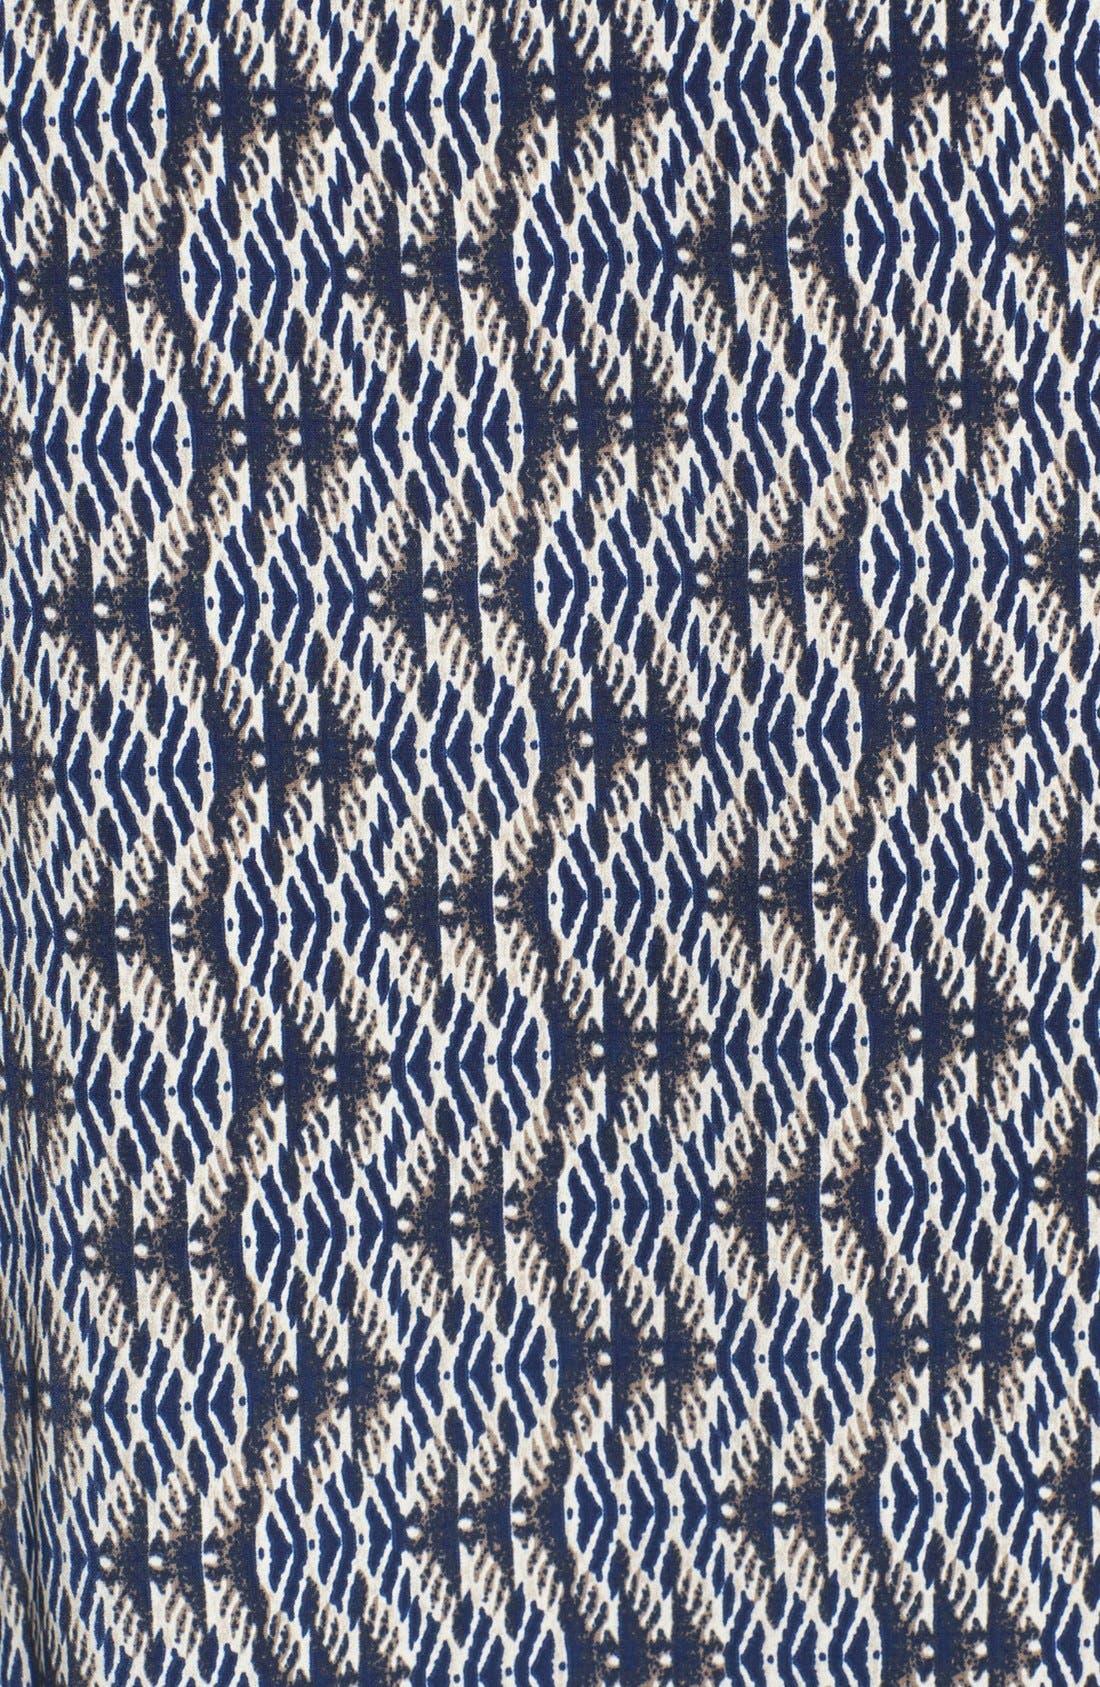 Alternate Image 3  - Olivia Moon Woven Print Raglan Sleeve Tee (Petite)